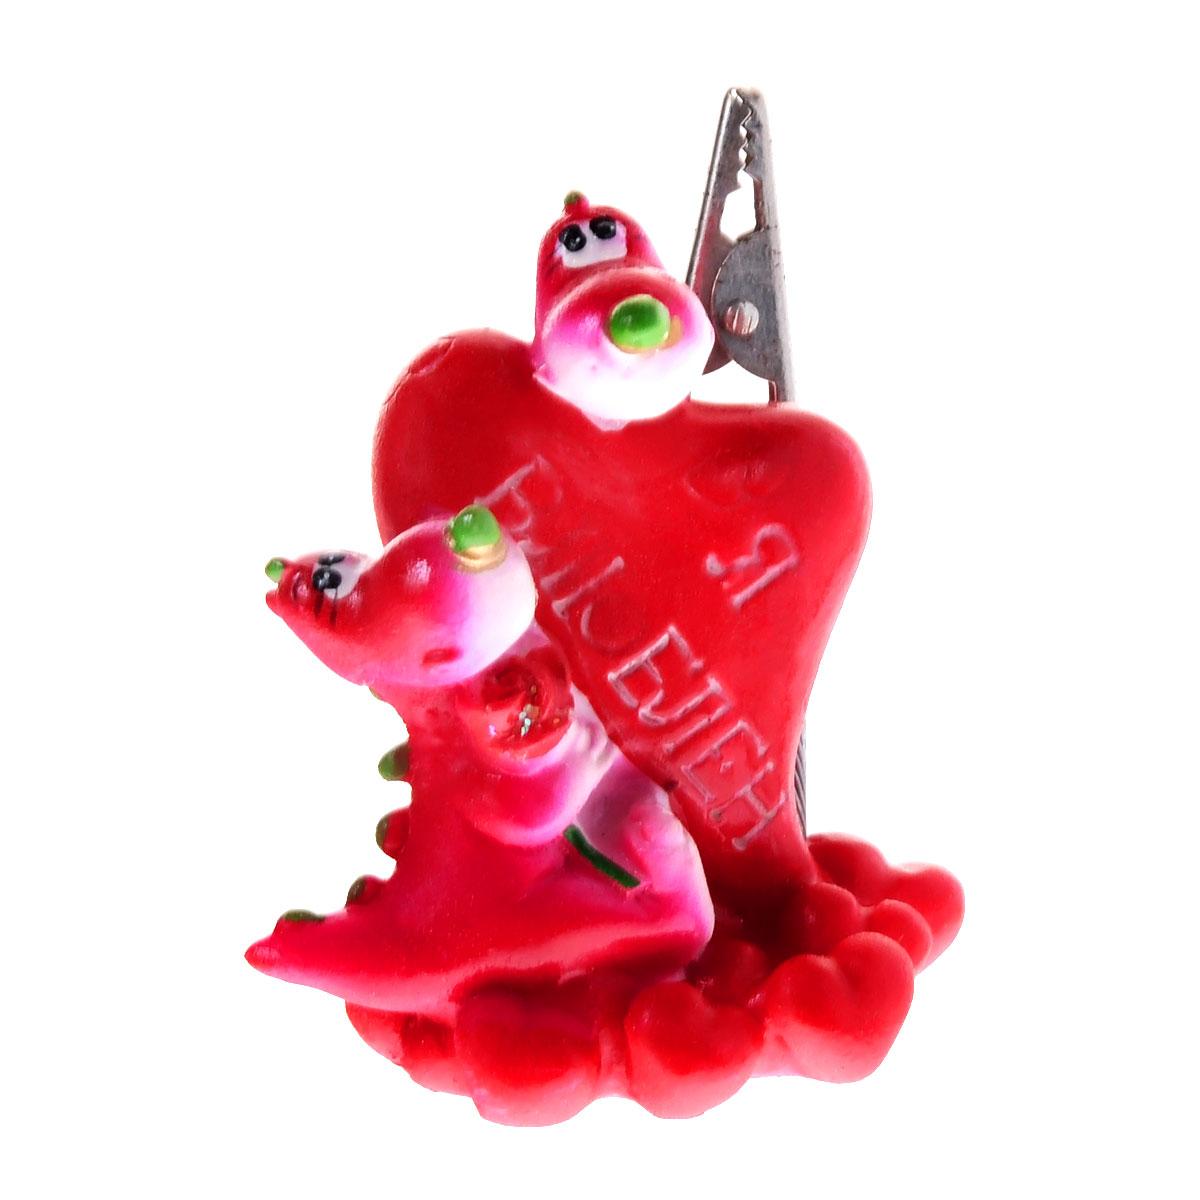 Статуэтка декоративная Lunten Ranta Дракон. Я влюблен, с держателем для карточек, цвет: красный, розовый59127Очаровательная статуэтка Lunten Ranta Дракон. Я влюблен станет оригинальным подарком для всех любителей стильных вещей. Она выполнена из полирезины в виде дракончиков с сердечком. Статуэтка оснащена металлическим держателем для карточек. Изысканный сувенир станет прекрасным дополнением к интерьеру. Вы можете поставить статуэтку в любом месте, где она будет удачно смотреться, и радовать глаз.